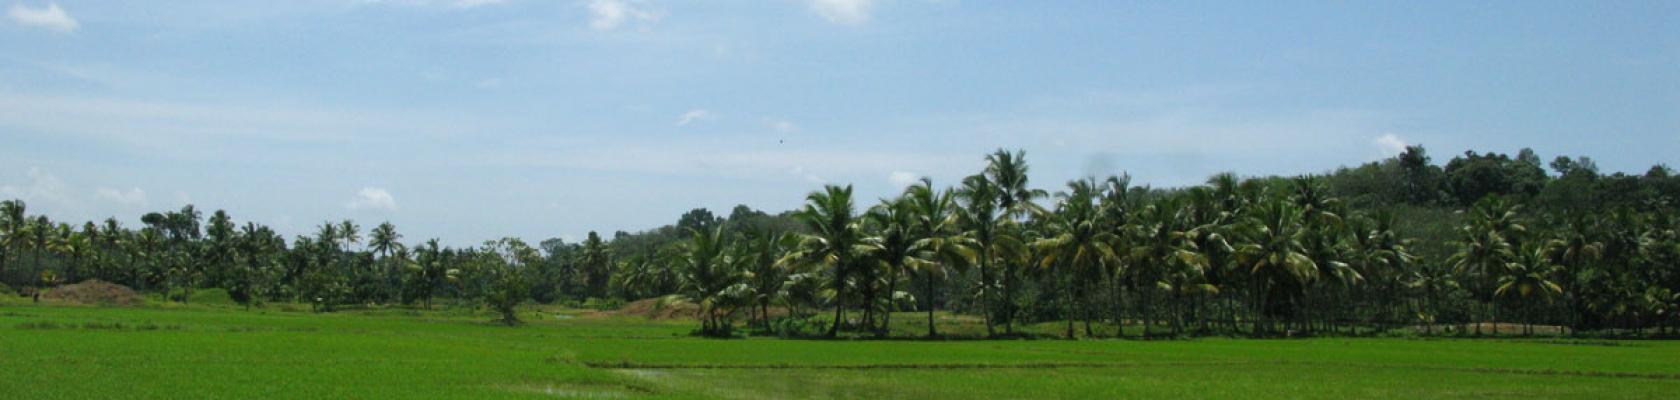 Inde Western Ghats paysage biodiversité